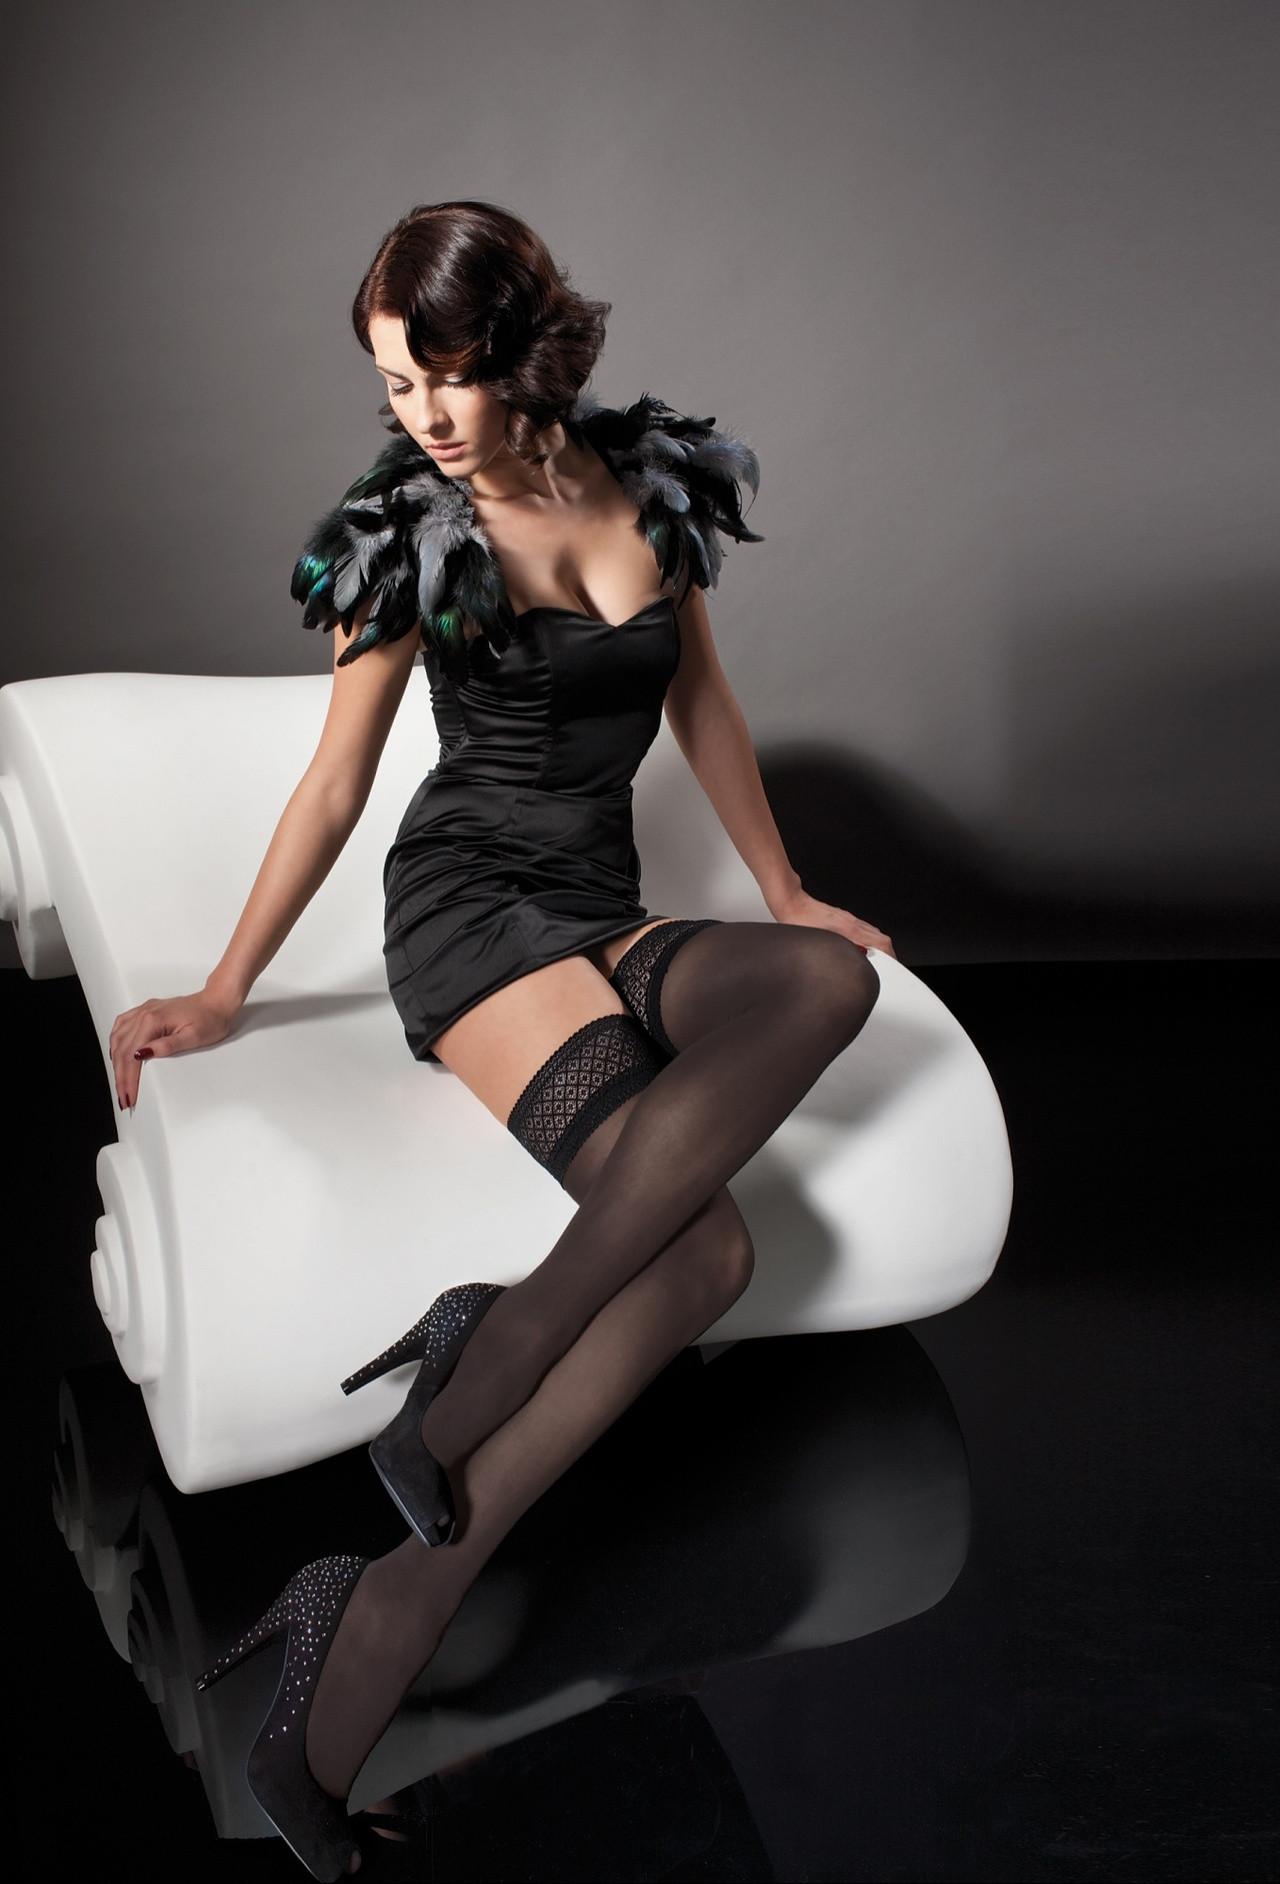 erotic crossed legs Japanese